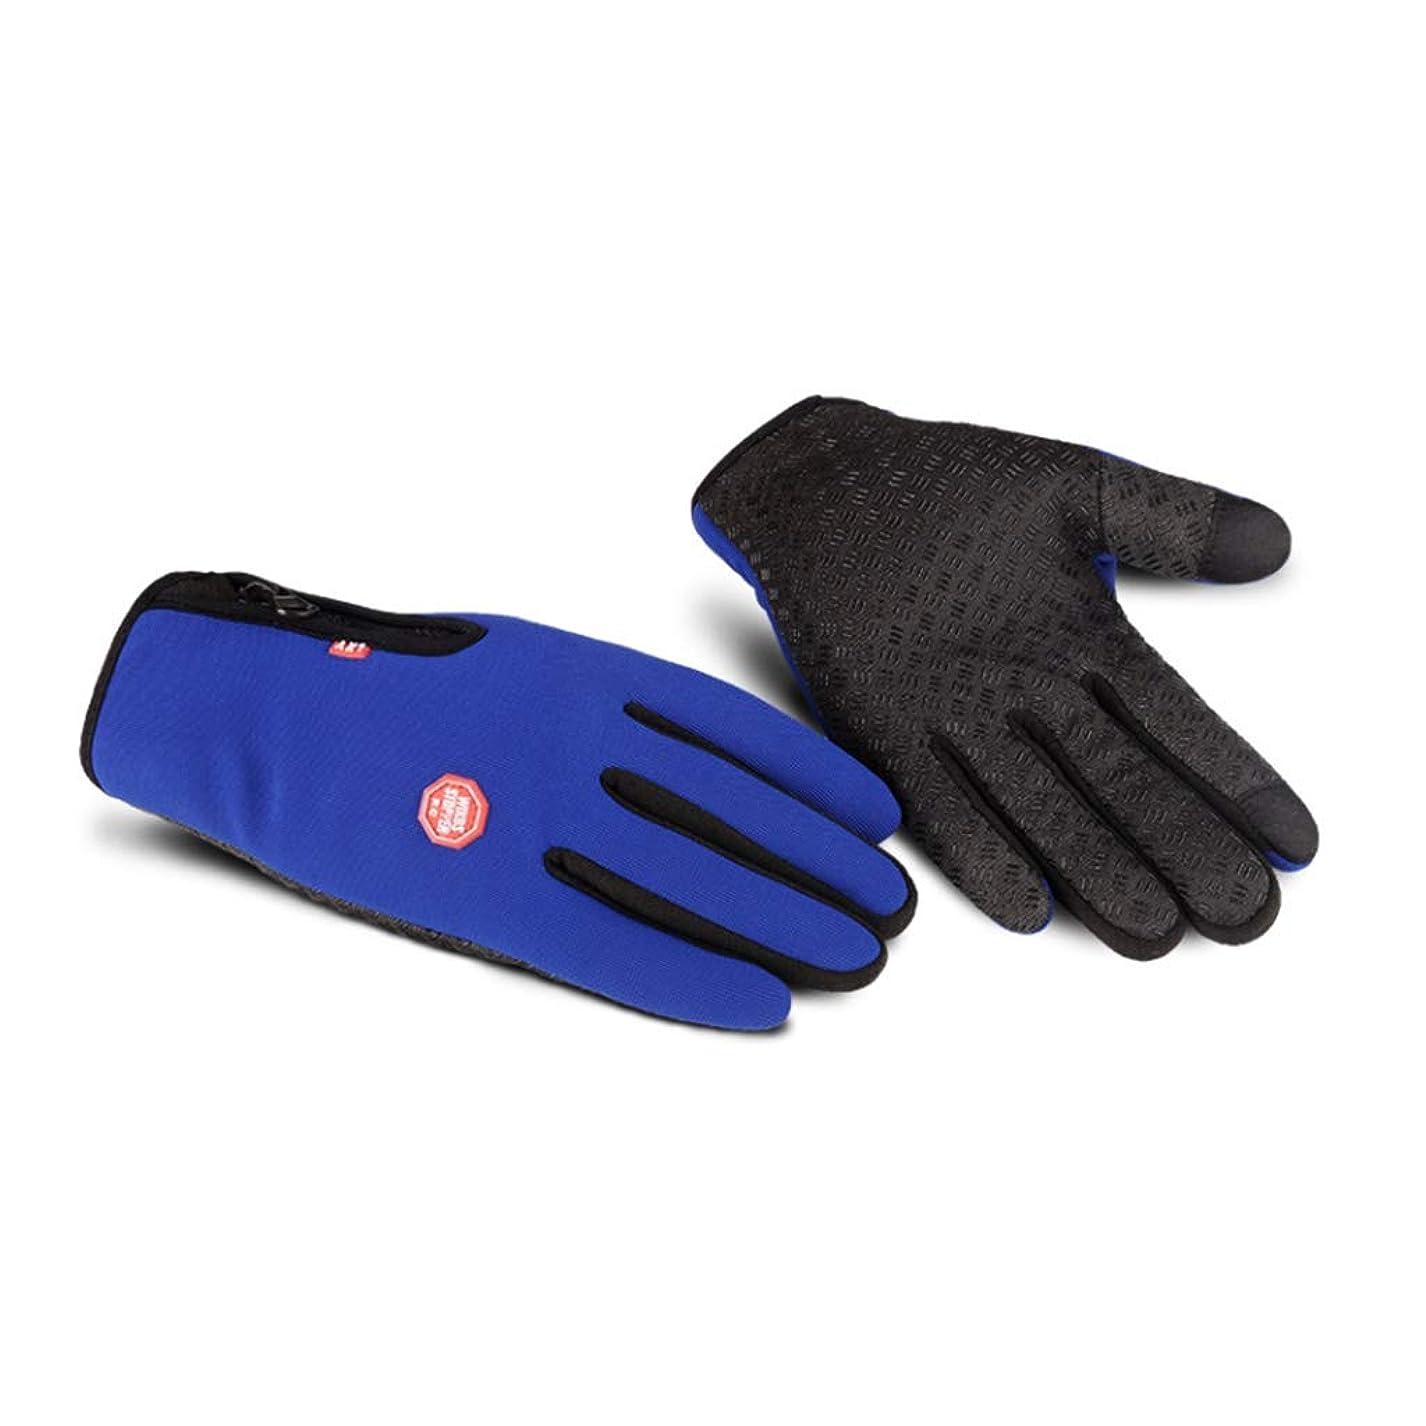 欠かせないクラブアルネ手袋の男性の秋と冬の自転車電動バイクの女性のタッチスクリーンはすべて防風ノンスリップ暖かい冬のコールドプラスベルベット弾性手袋を意味する (色 : 青)